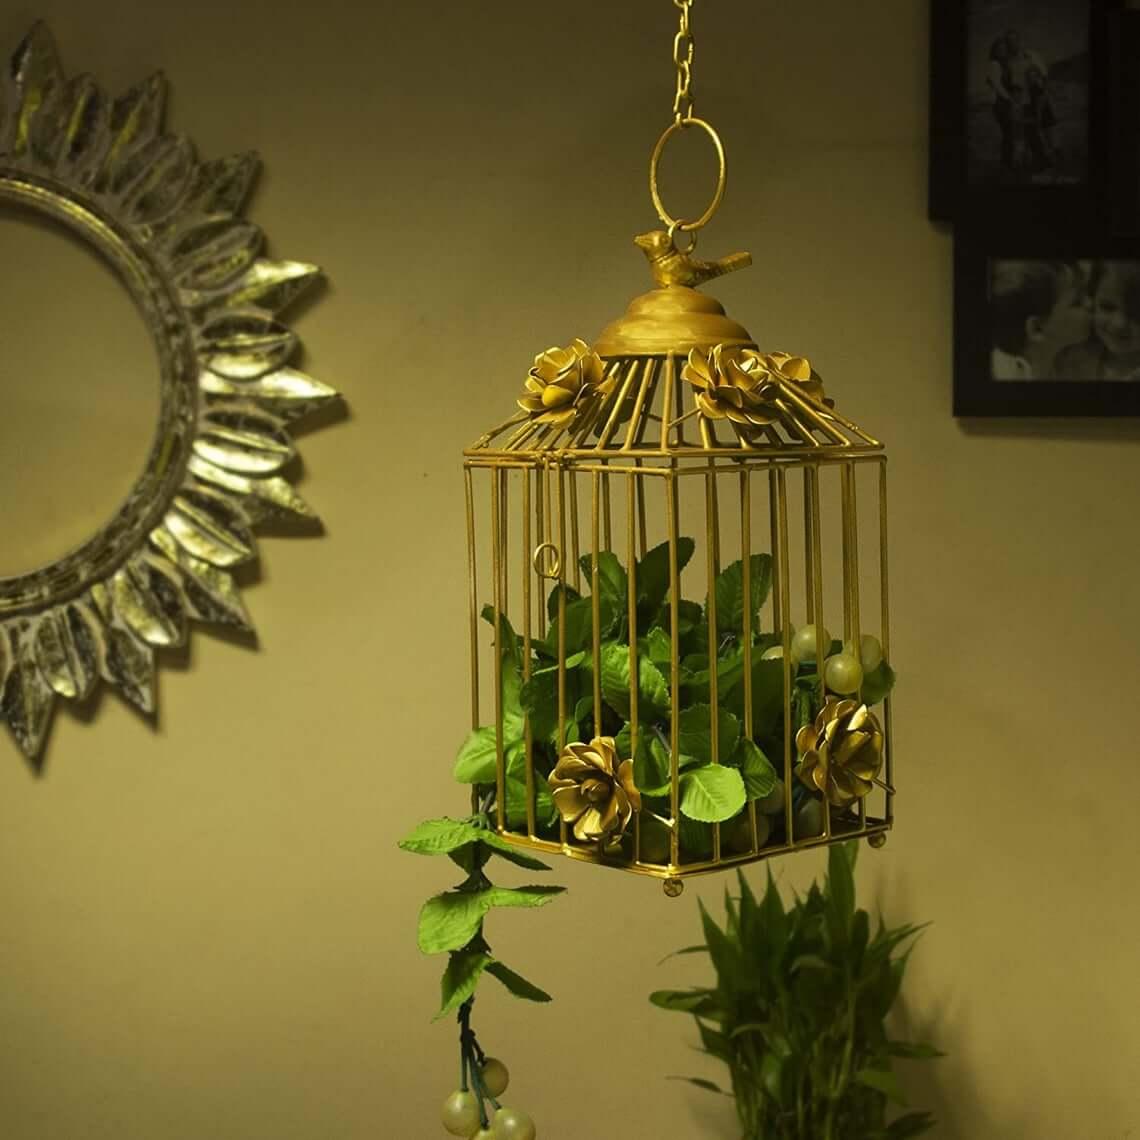 Décoration de plante de cage à oiseaux pendentif doré d'intérieur